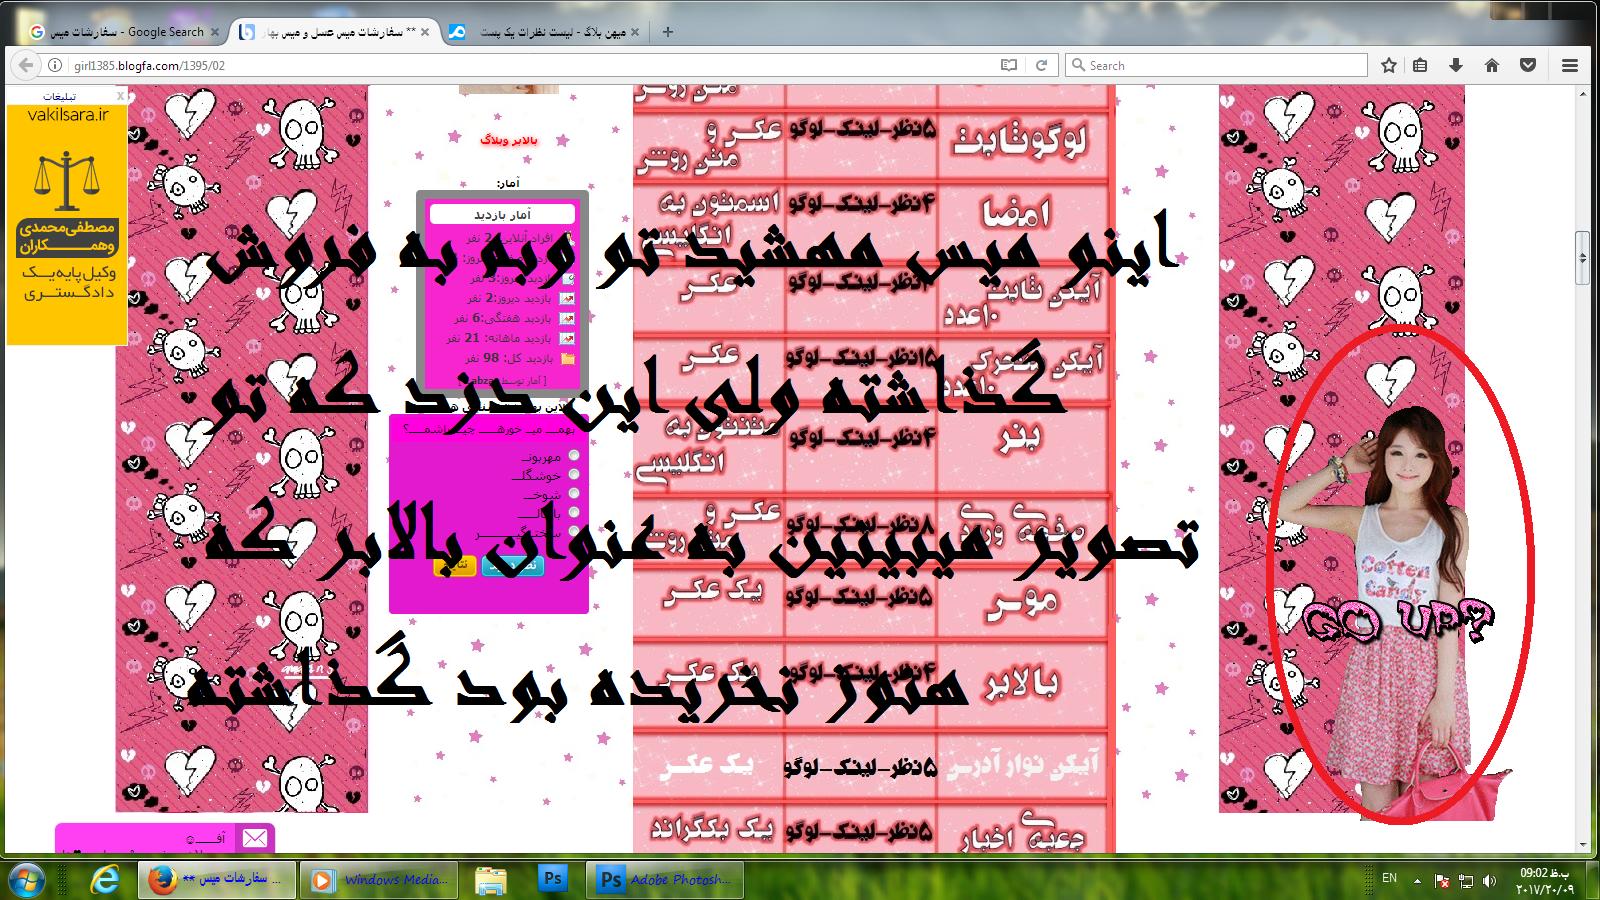 http://s9.picofile.com/file/8306993500/%D8%AF%D8%B2%D8%AF.png